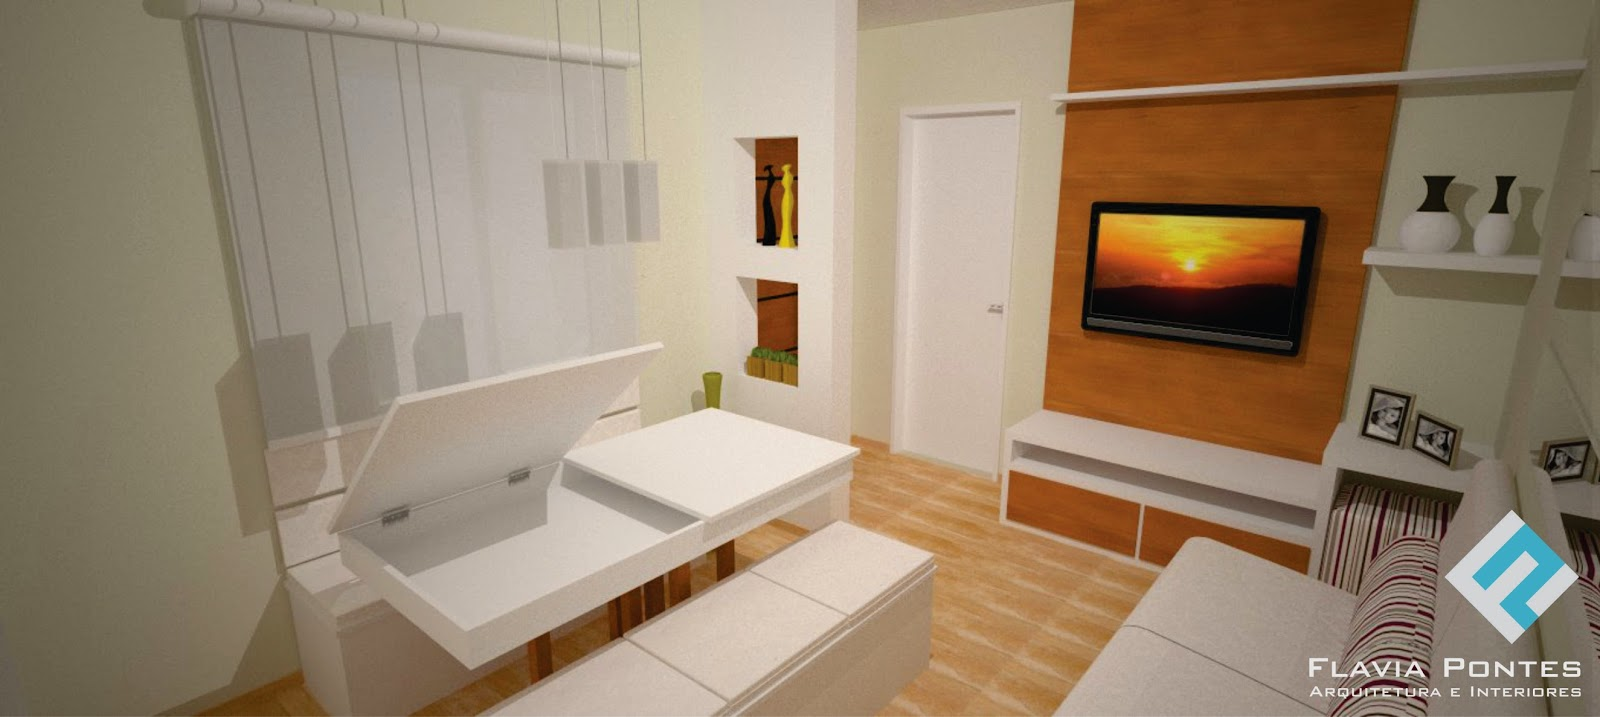 Flavia Pontes Arquitetura -> Sala De Estar Pequena Dois Ambientes